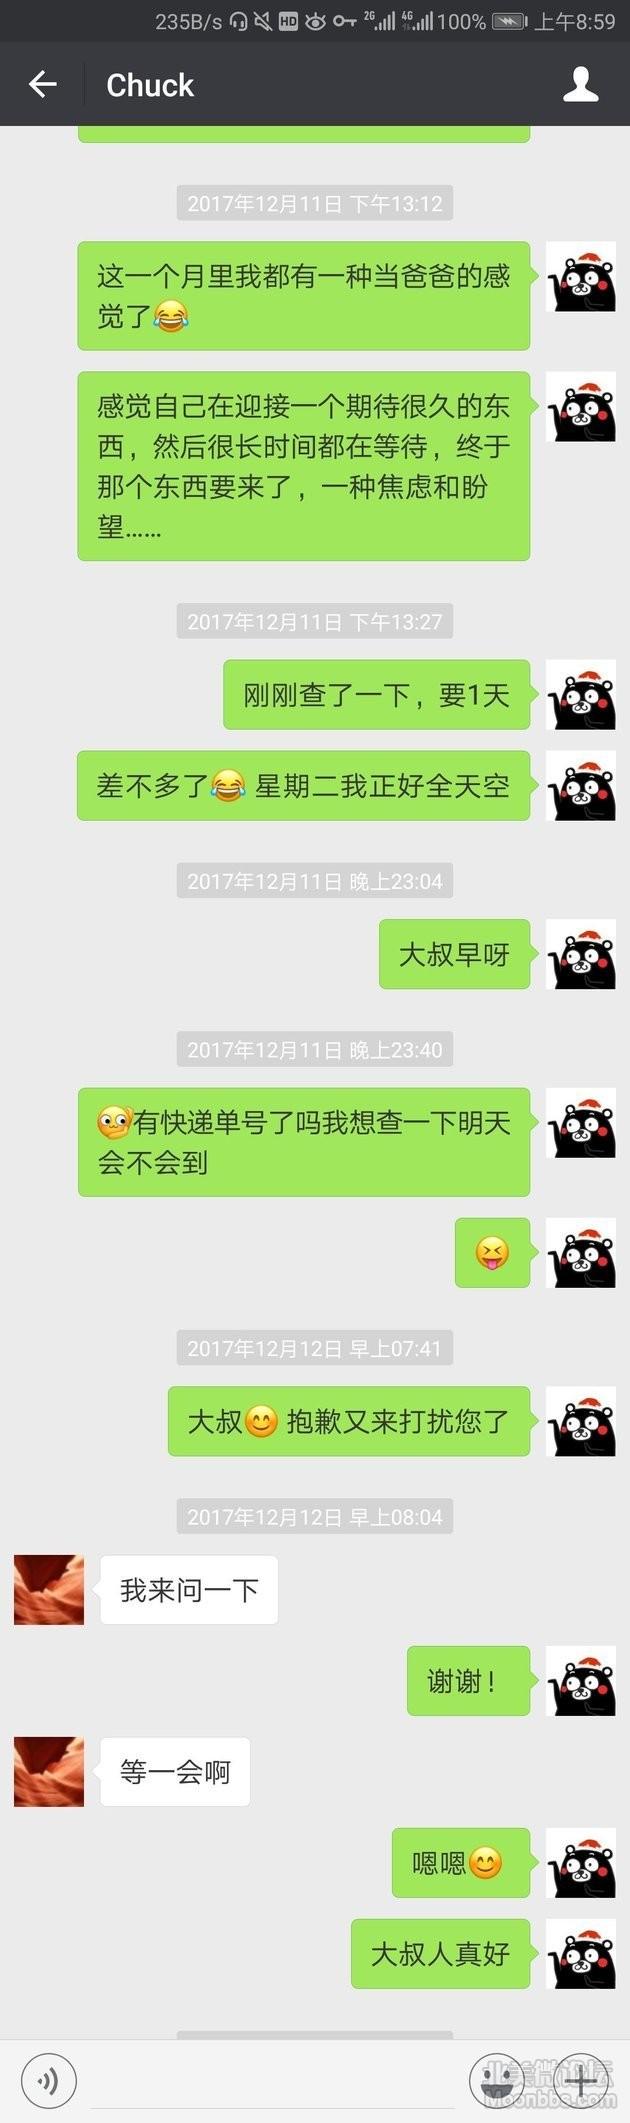 Screenshot_2018-01-12-08-59-39.jpg